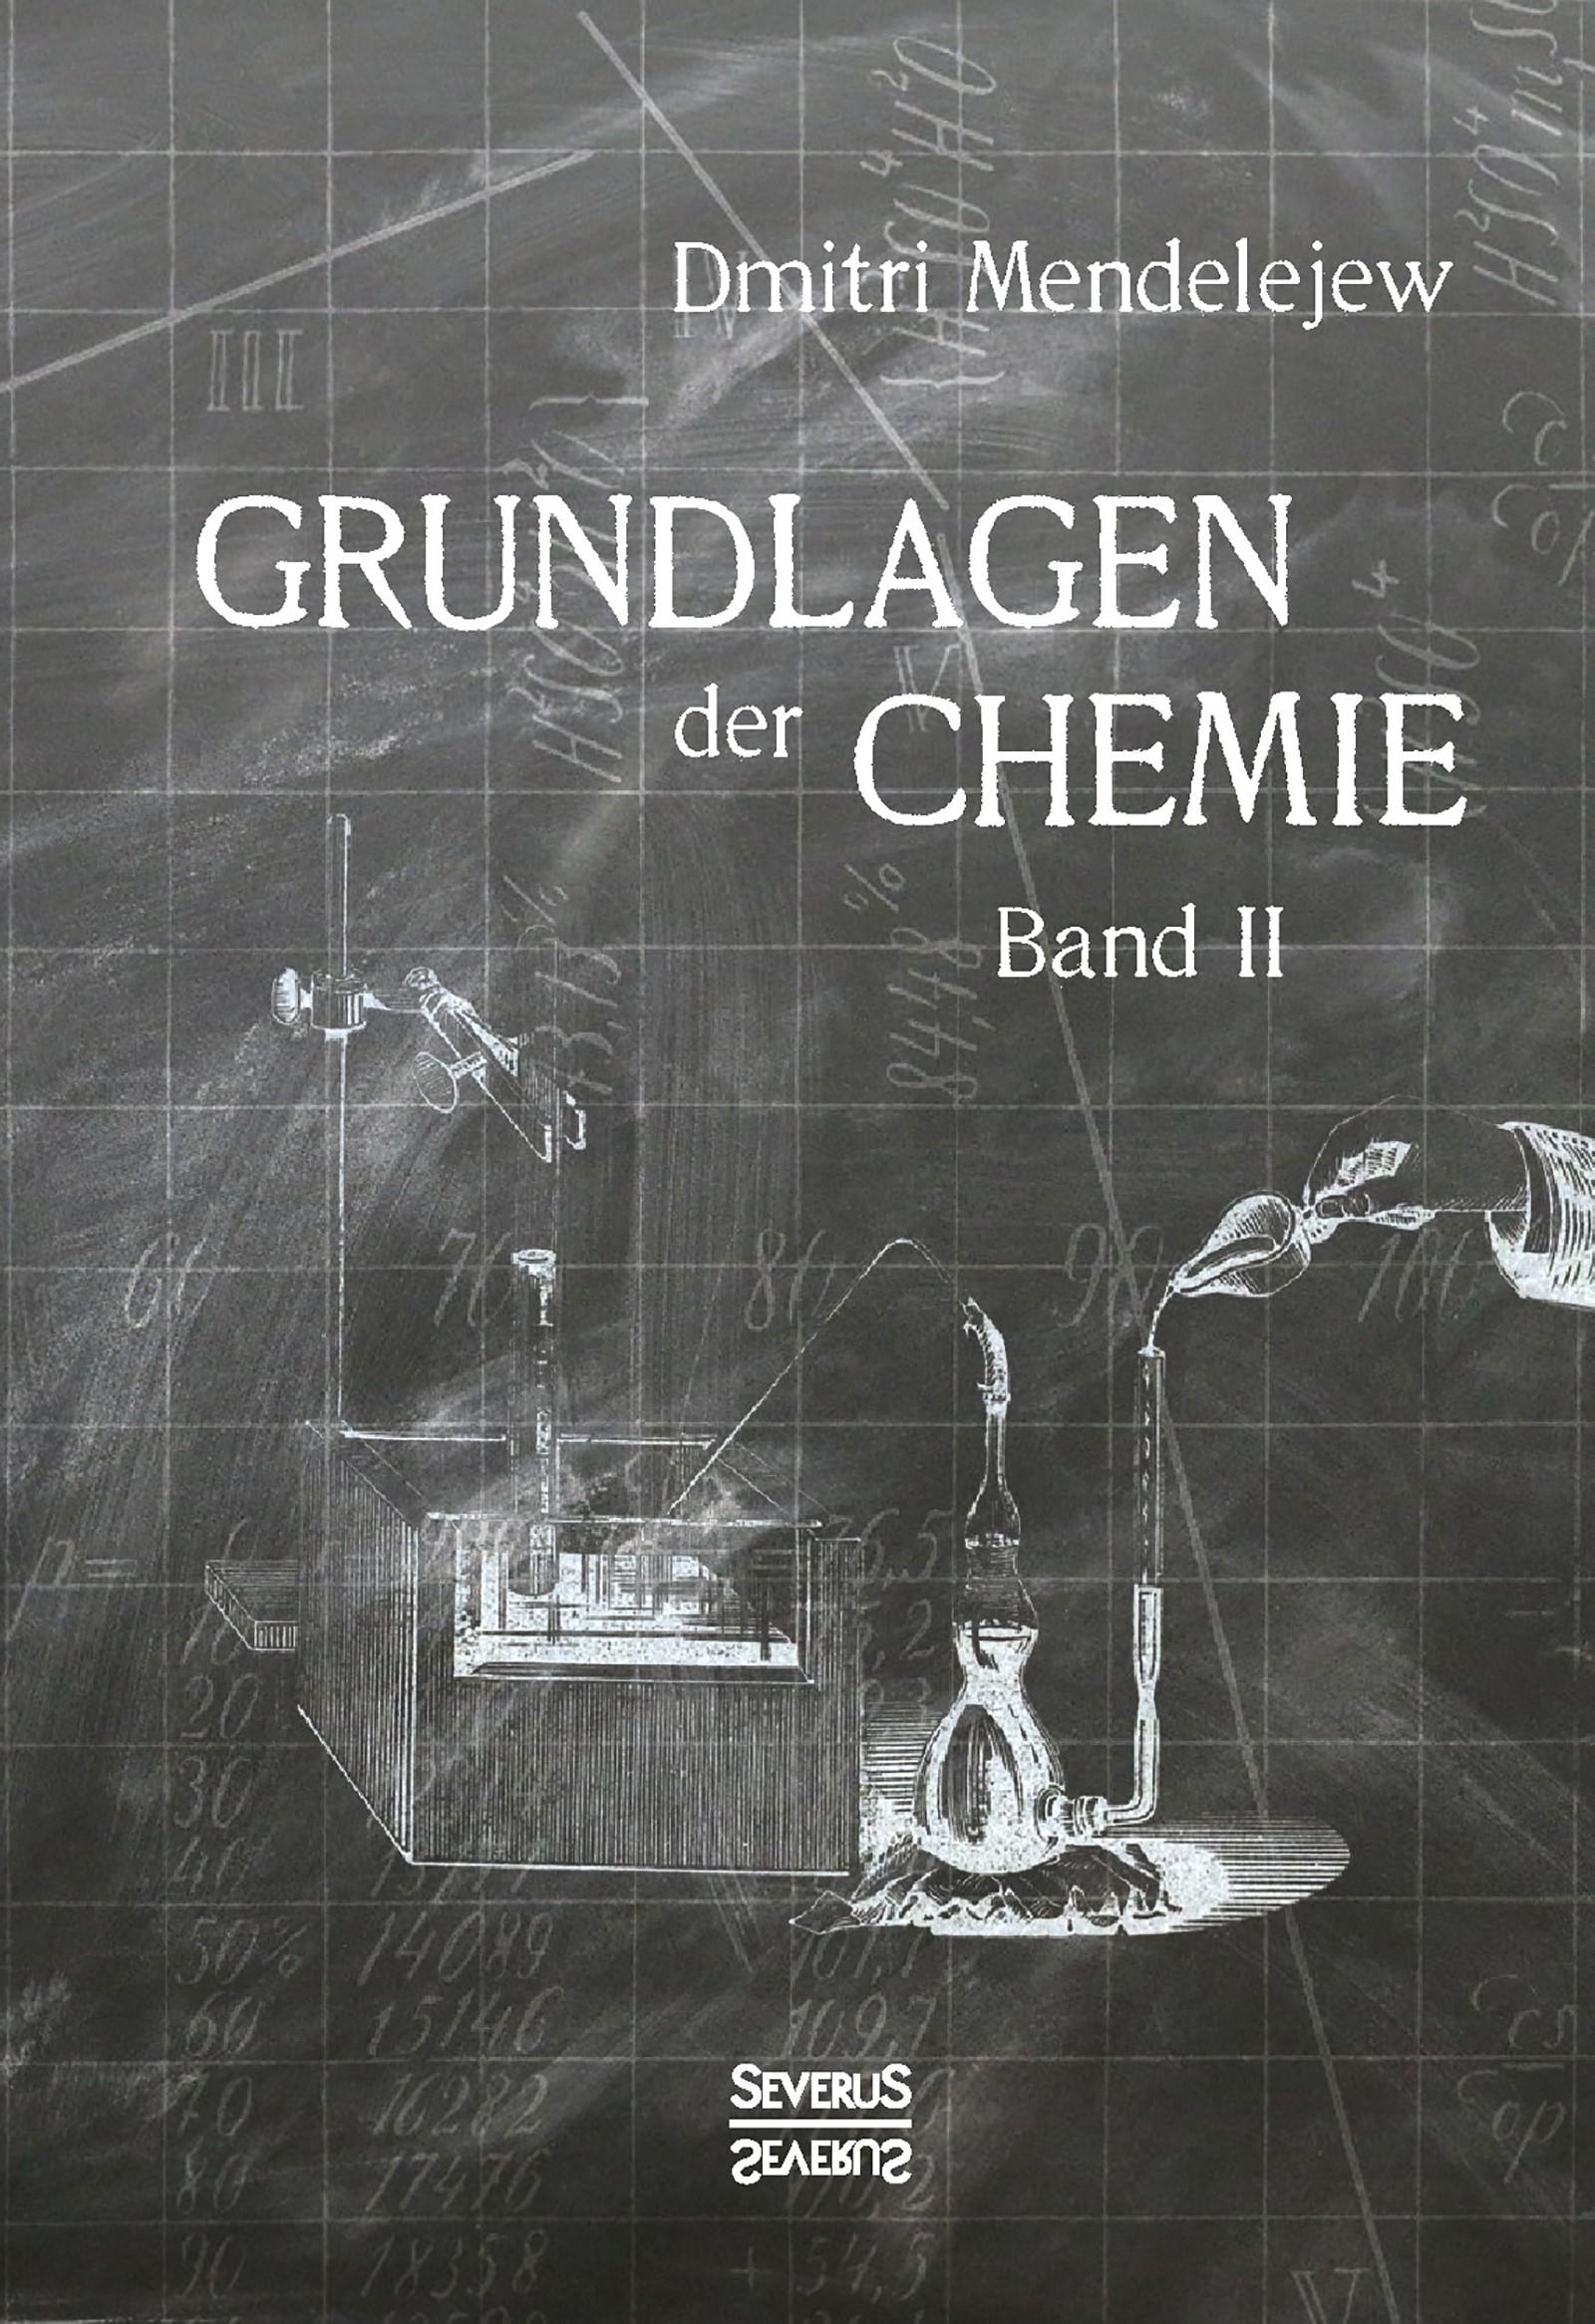 Abbildung von Mendelejew | Grundlagen der Chemie - Band II | Nachdruck der Originalausgabe von 1891 | 2018